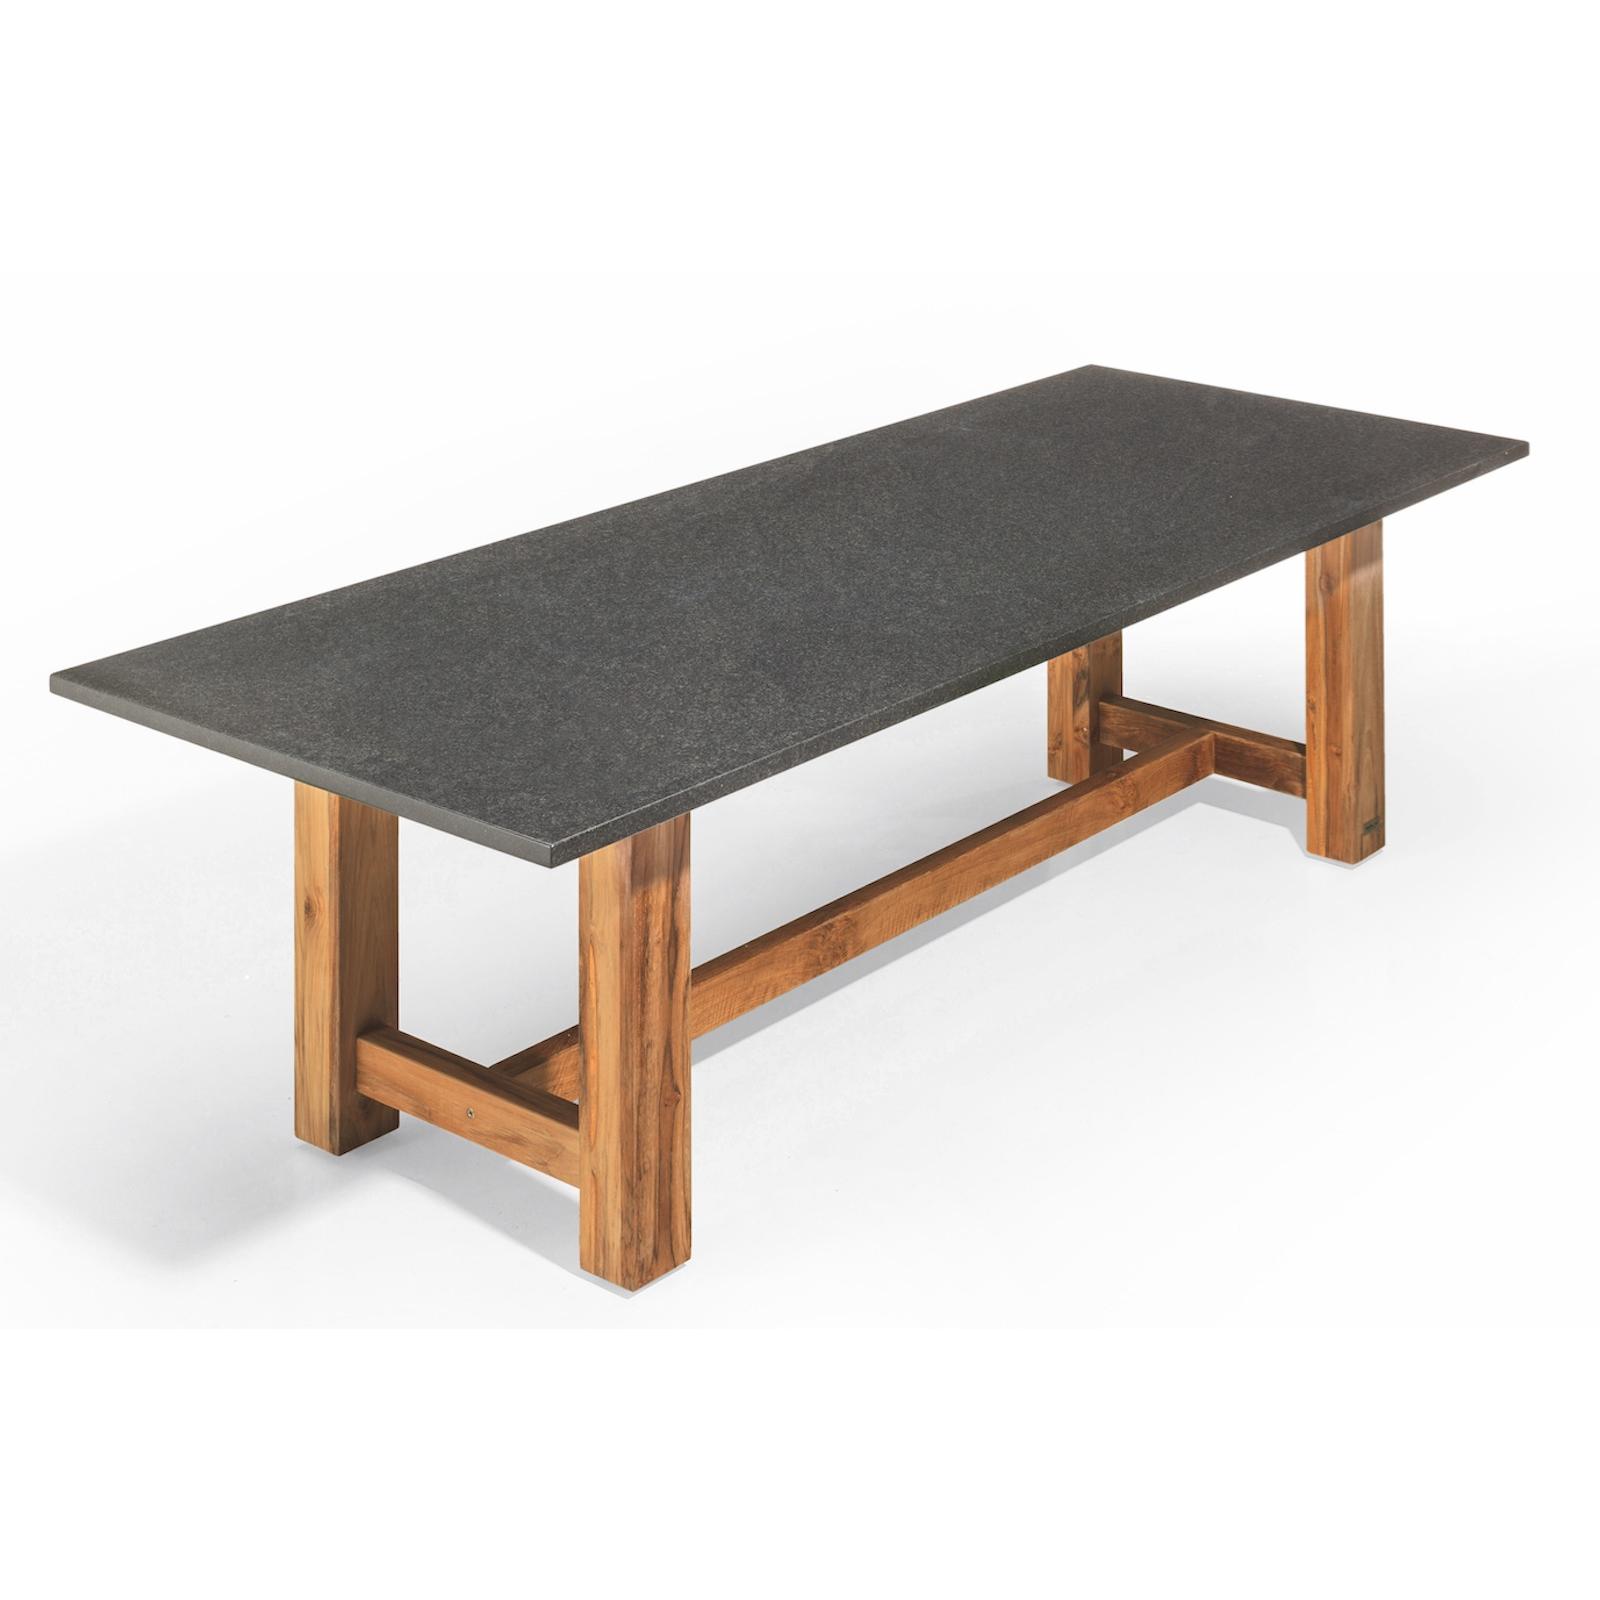 studio 20 voss gartentisch 300 x 100 x 75 cm outdoortisch granittisch teakholz ebay. Black Bedroom Furniture Sets. Home Design Ideas